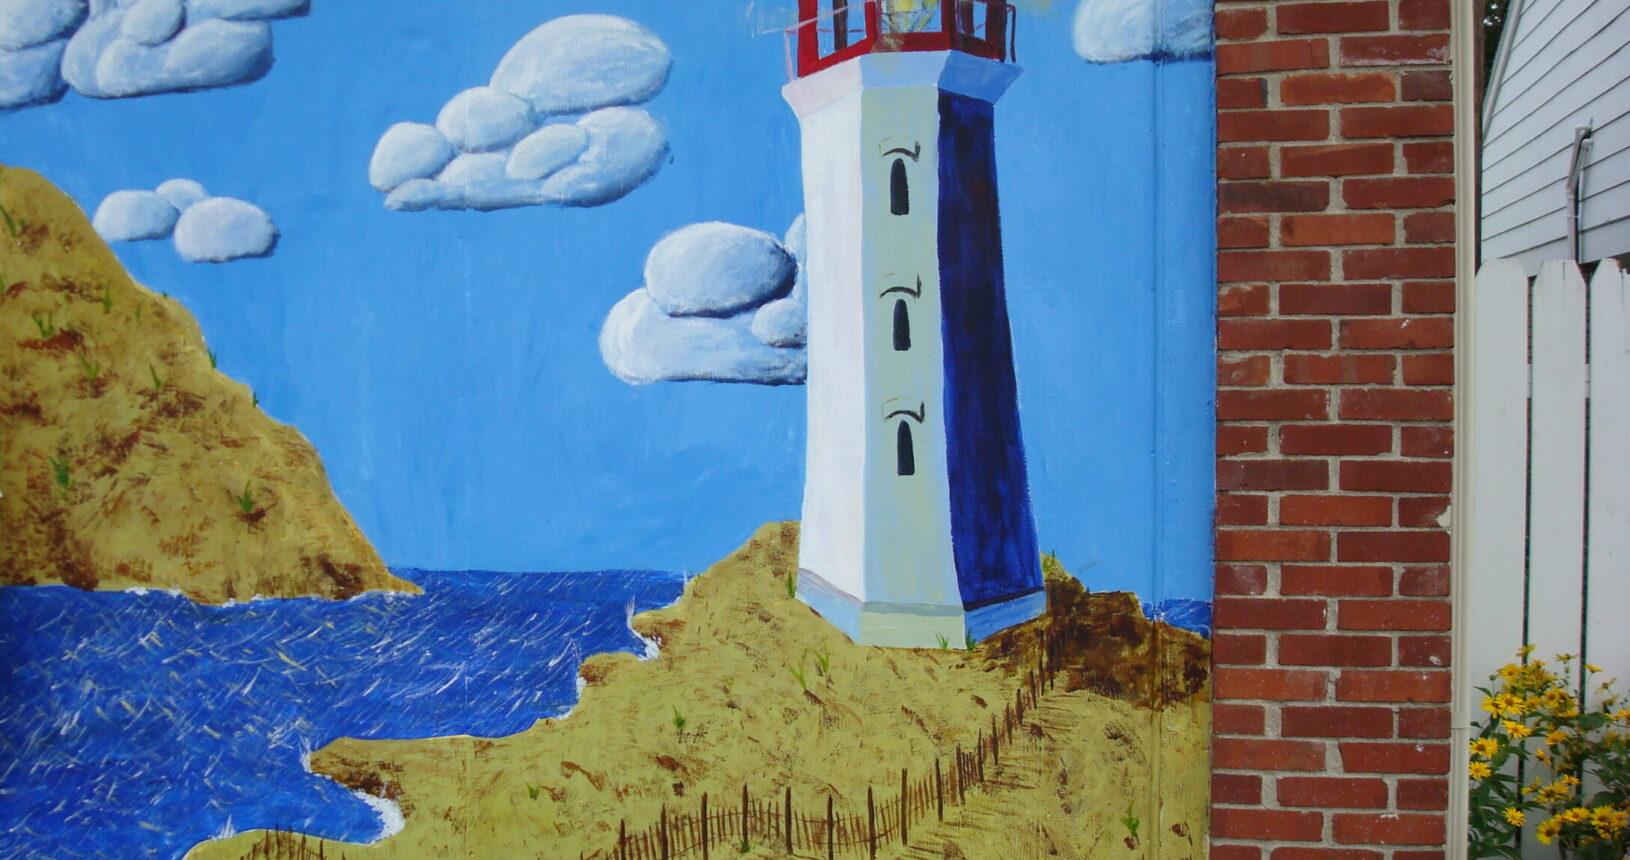 Katie Faulkner's 2010 Mural